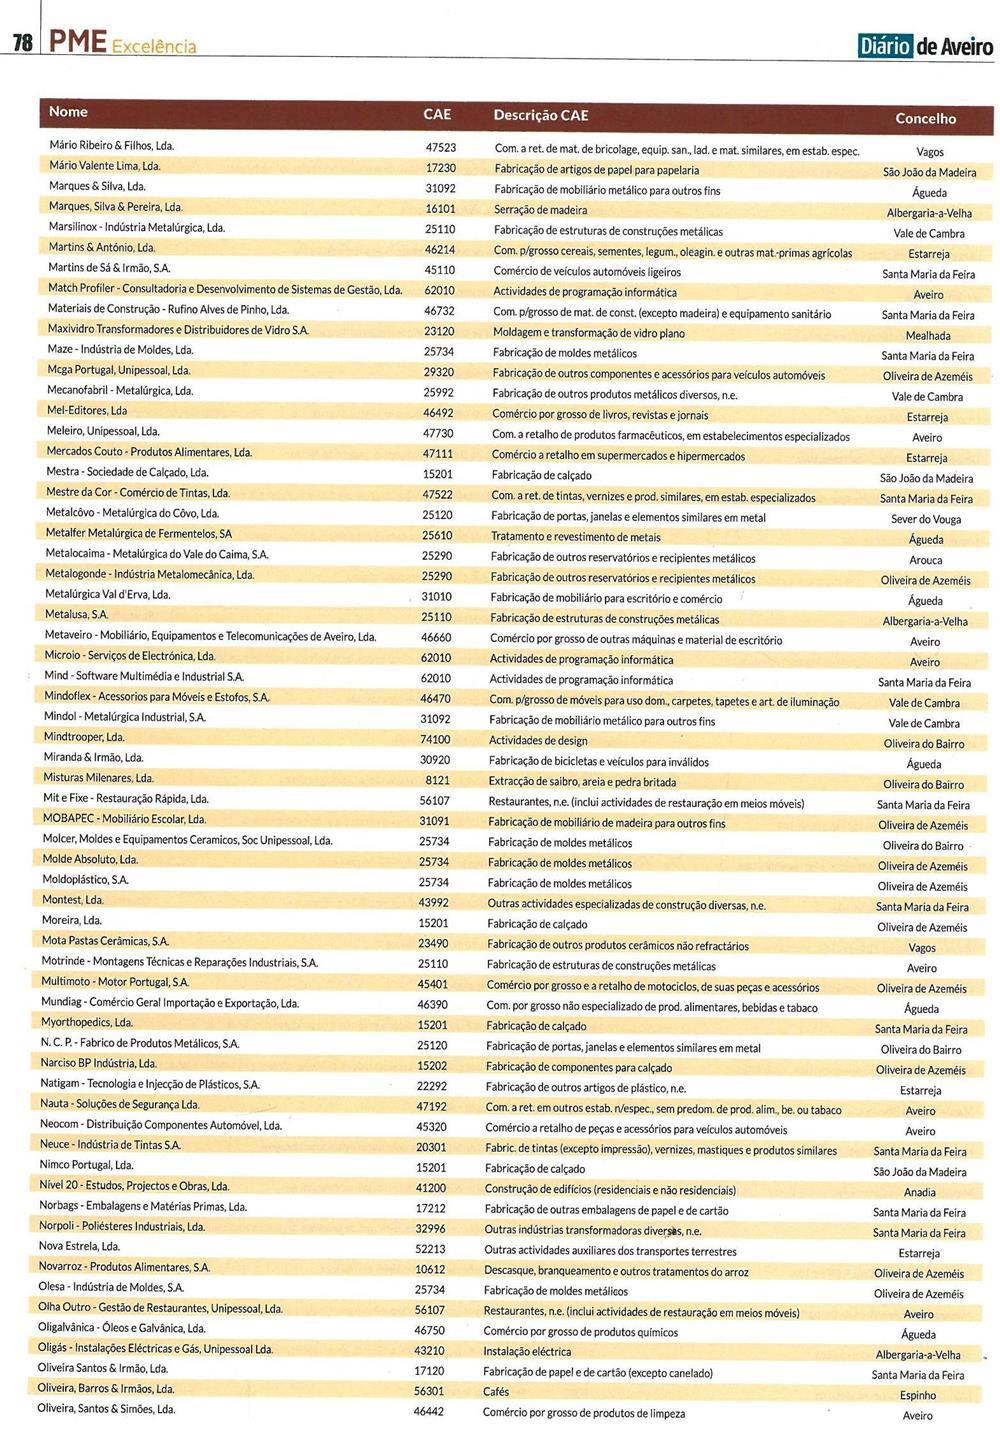 DA-27maio'17-sup.PME Aveiro,p.78-PME Excelência : empresas distinguidas como PME Líder no distrito de Aveiro em 2017.jpg